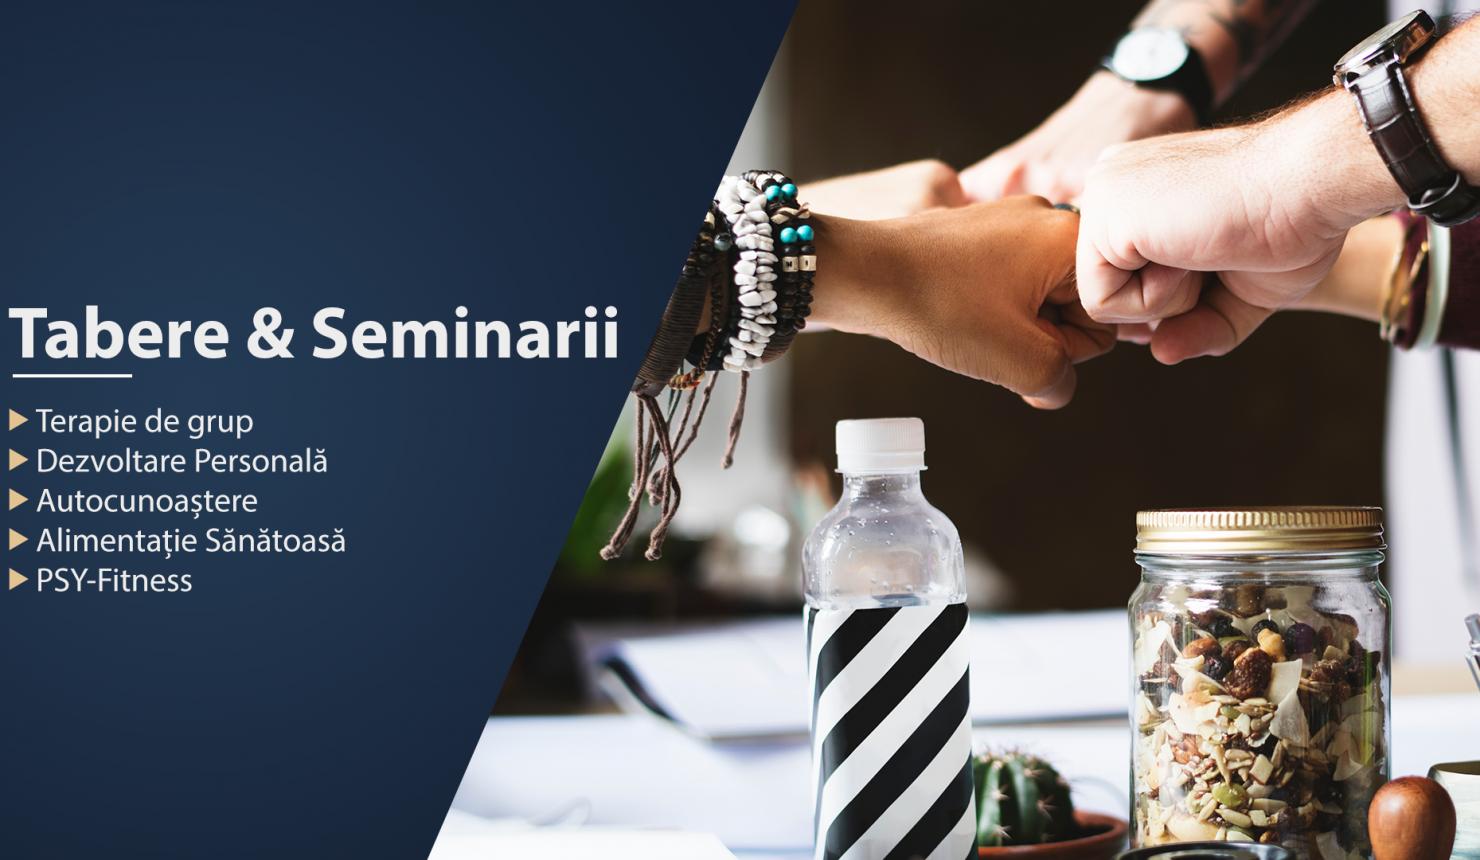 Tabere & Seminarii